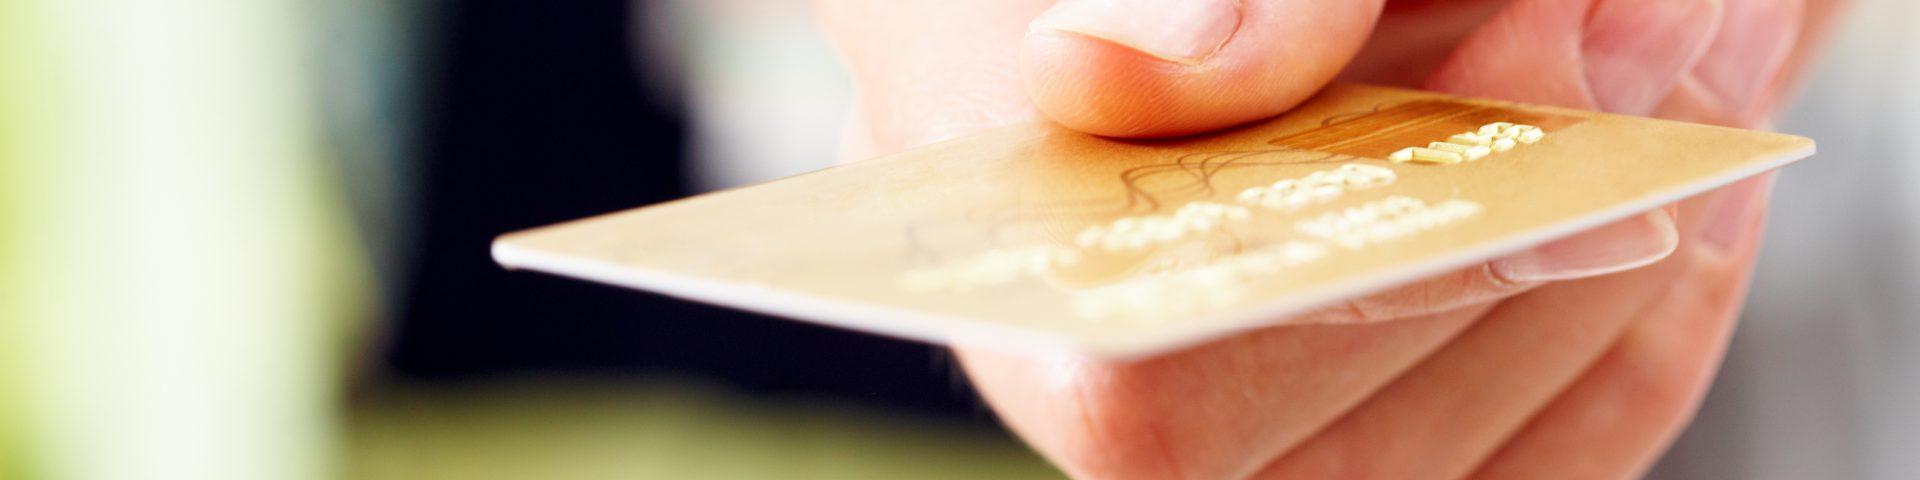 Online nové pujcky pred výplatou dobříš práce